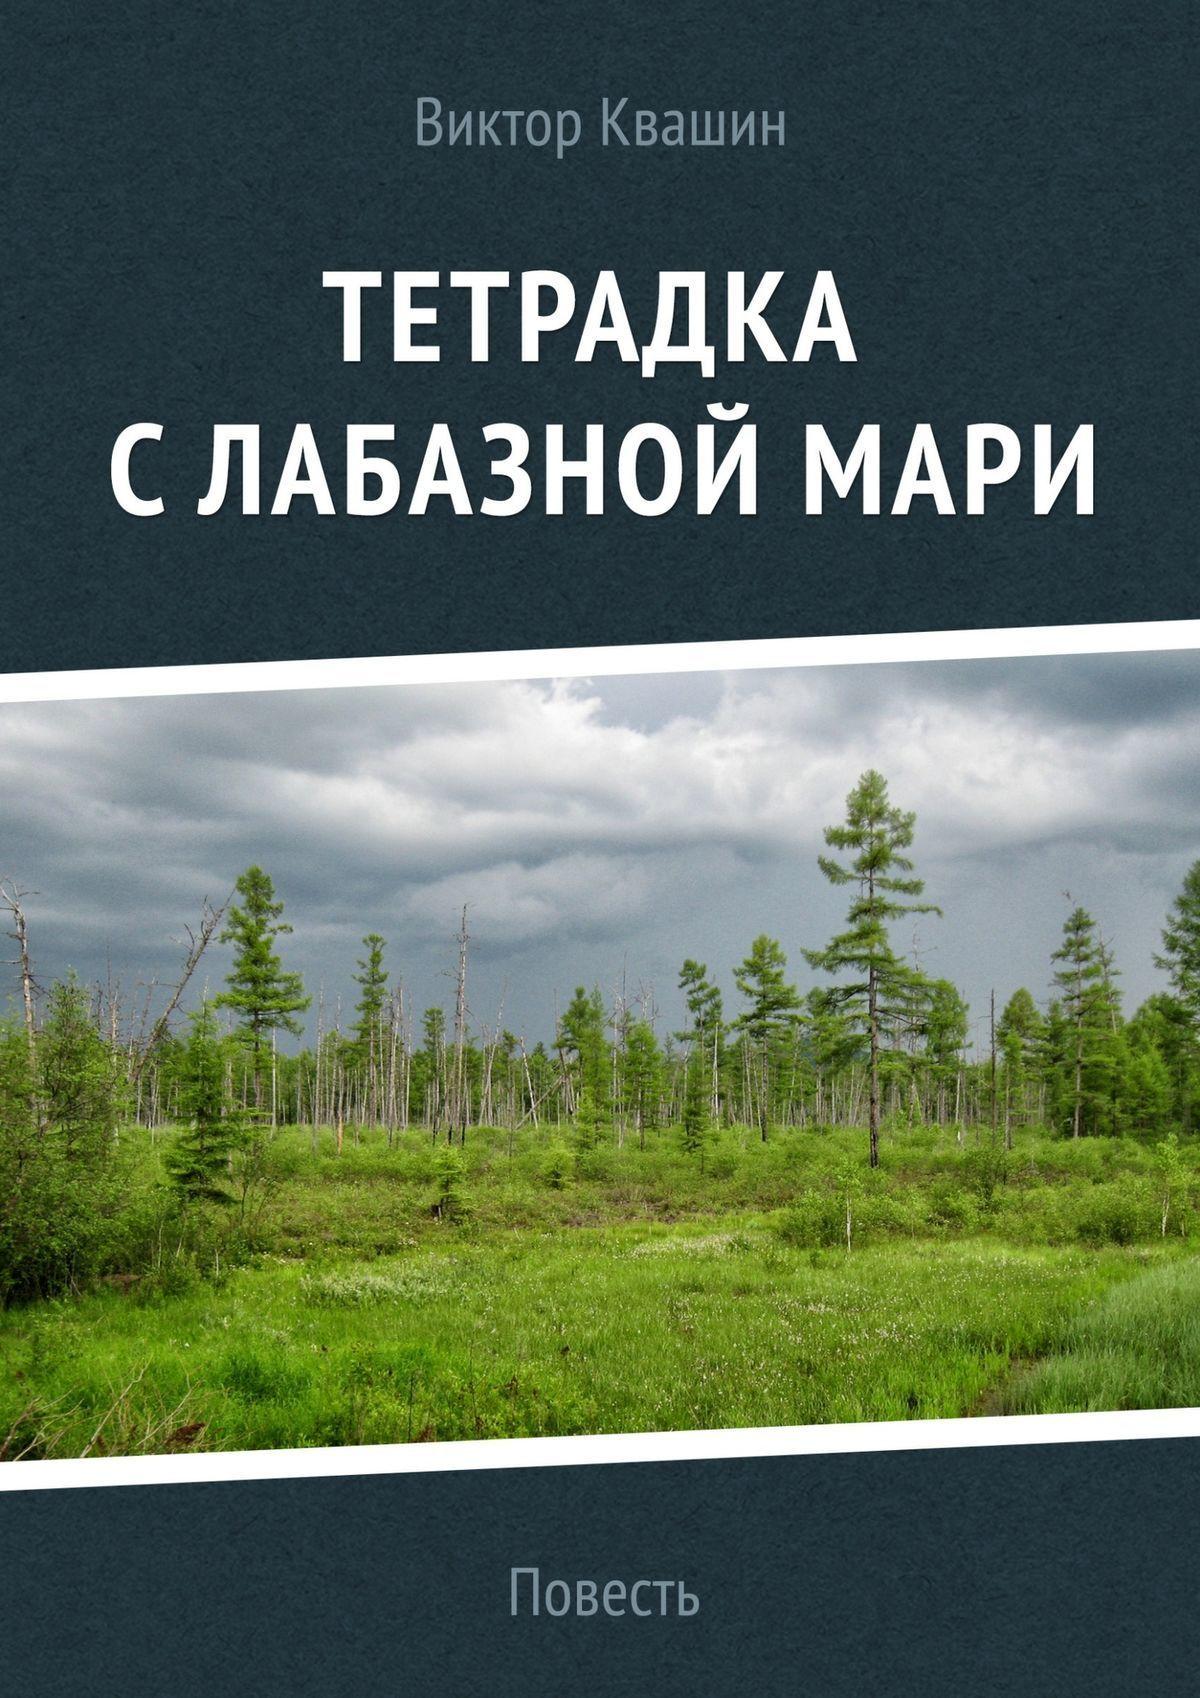 Обложка книги Тетрадка с лабазной мари, автор Виктор Квашин